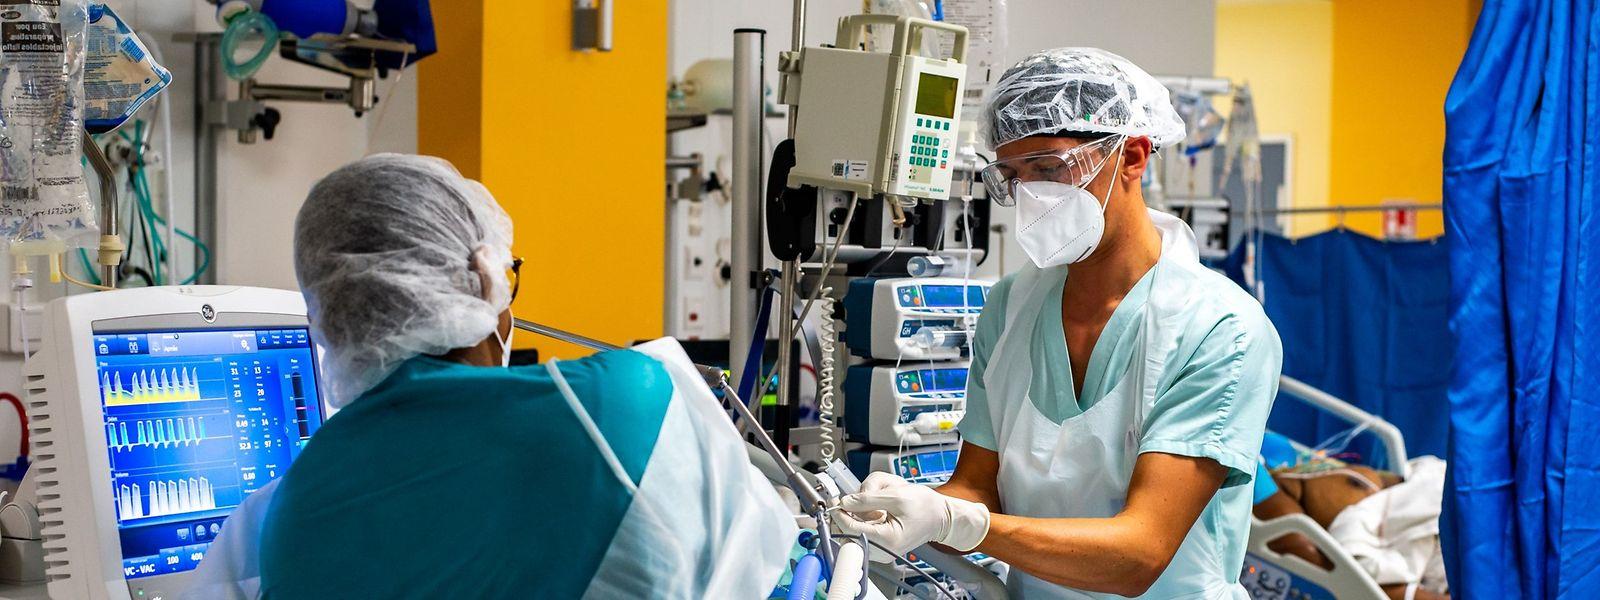 Toujours en première ligne, les personnels de santé restent les principales victimes du covid sur leur lieu de travail.